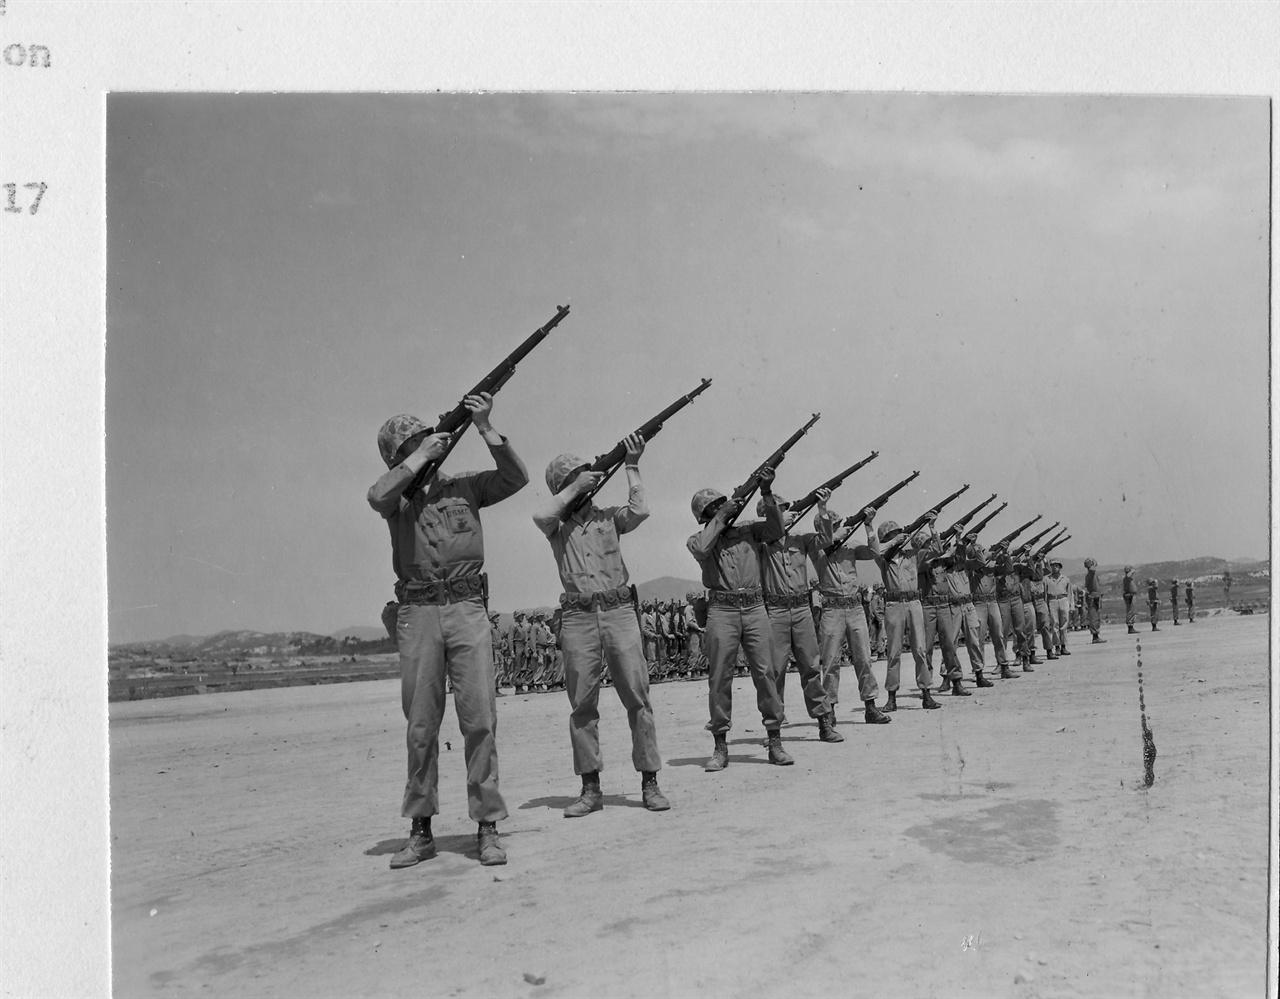 1953. 5. 16. 유엔군이 한 전우의 죽음에 조총을 쏘고 있다.